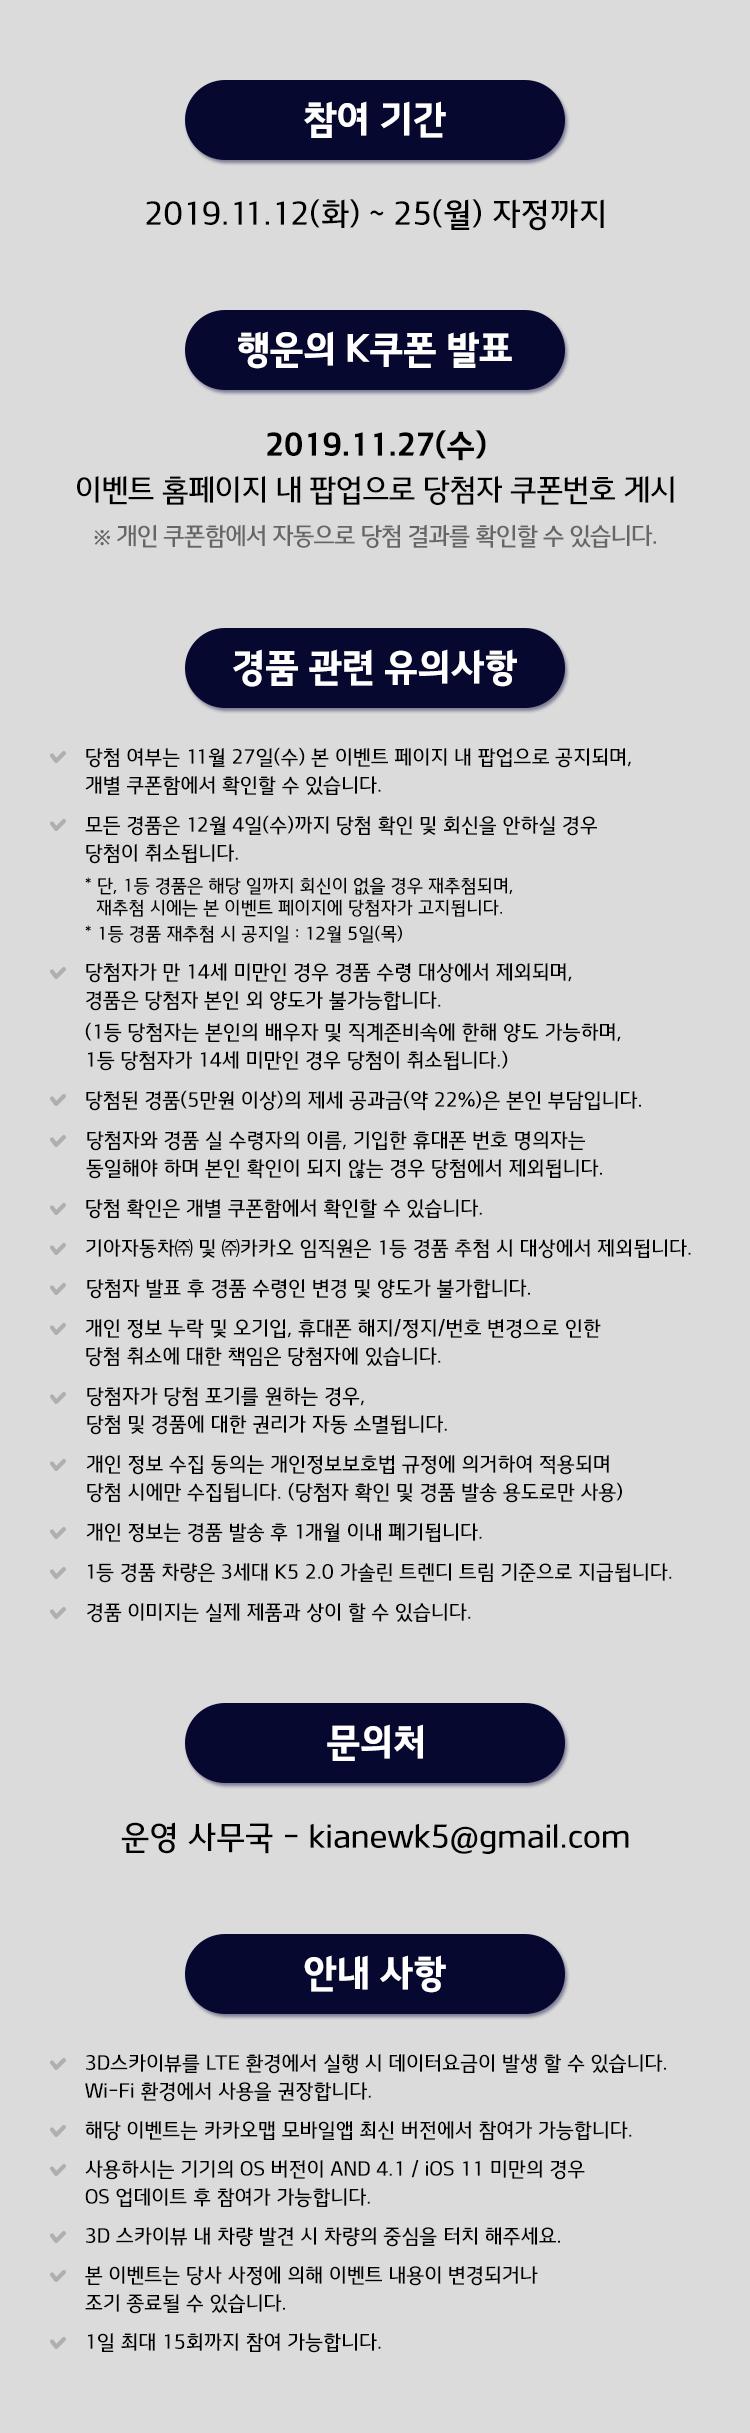 행운의 K쿠폰 발표 / 문의처 / 안내사항